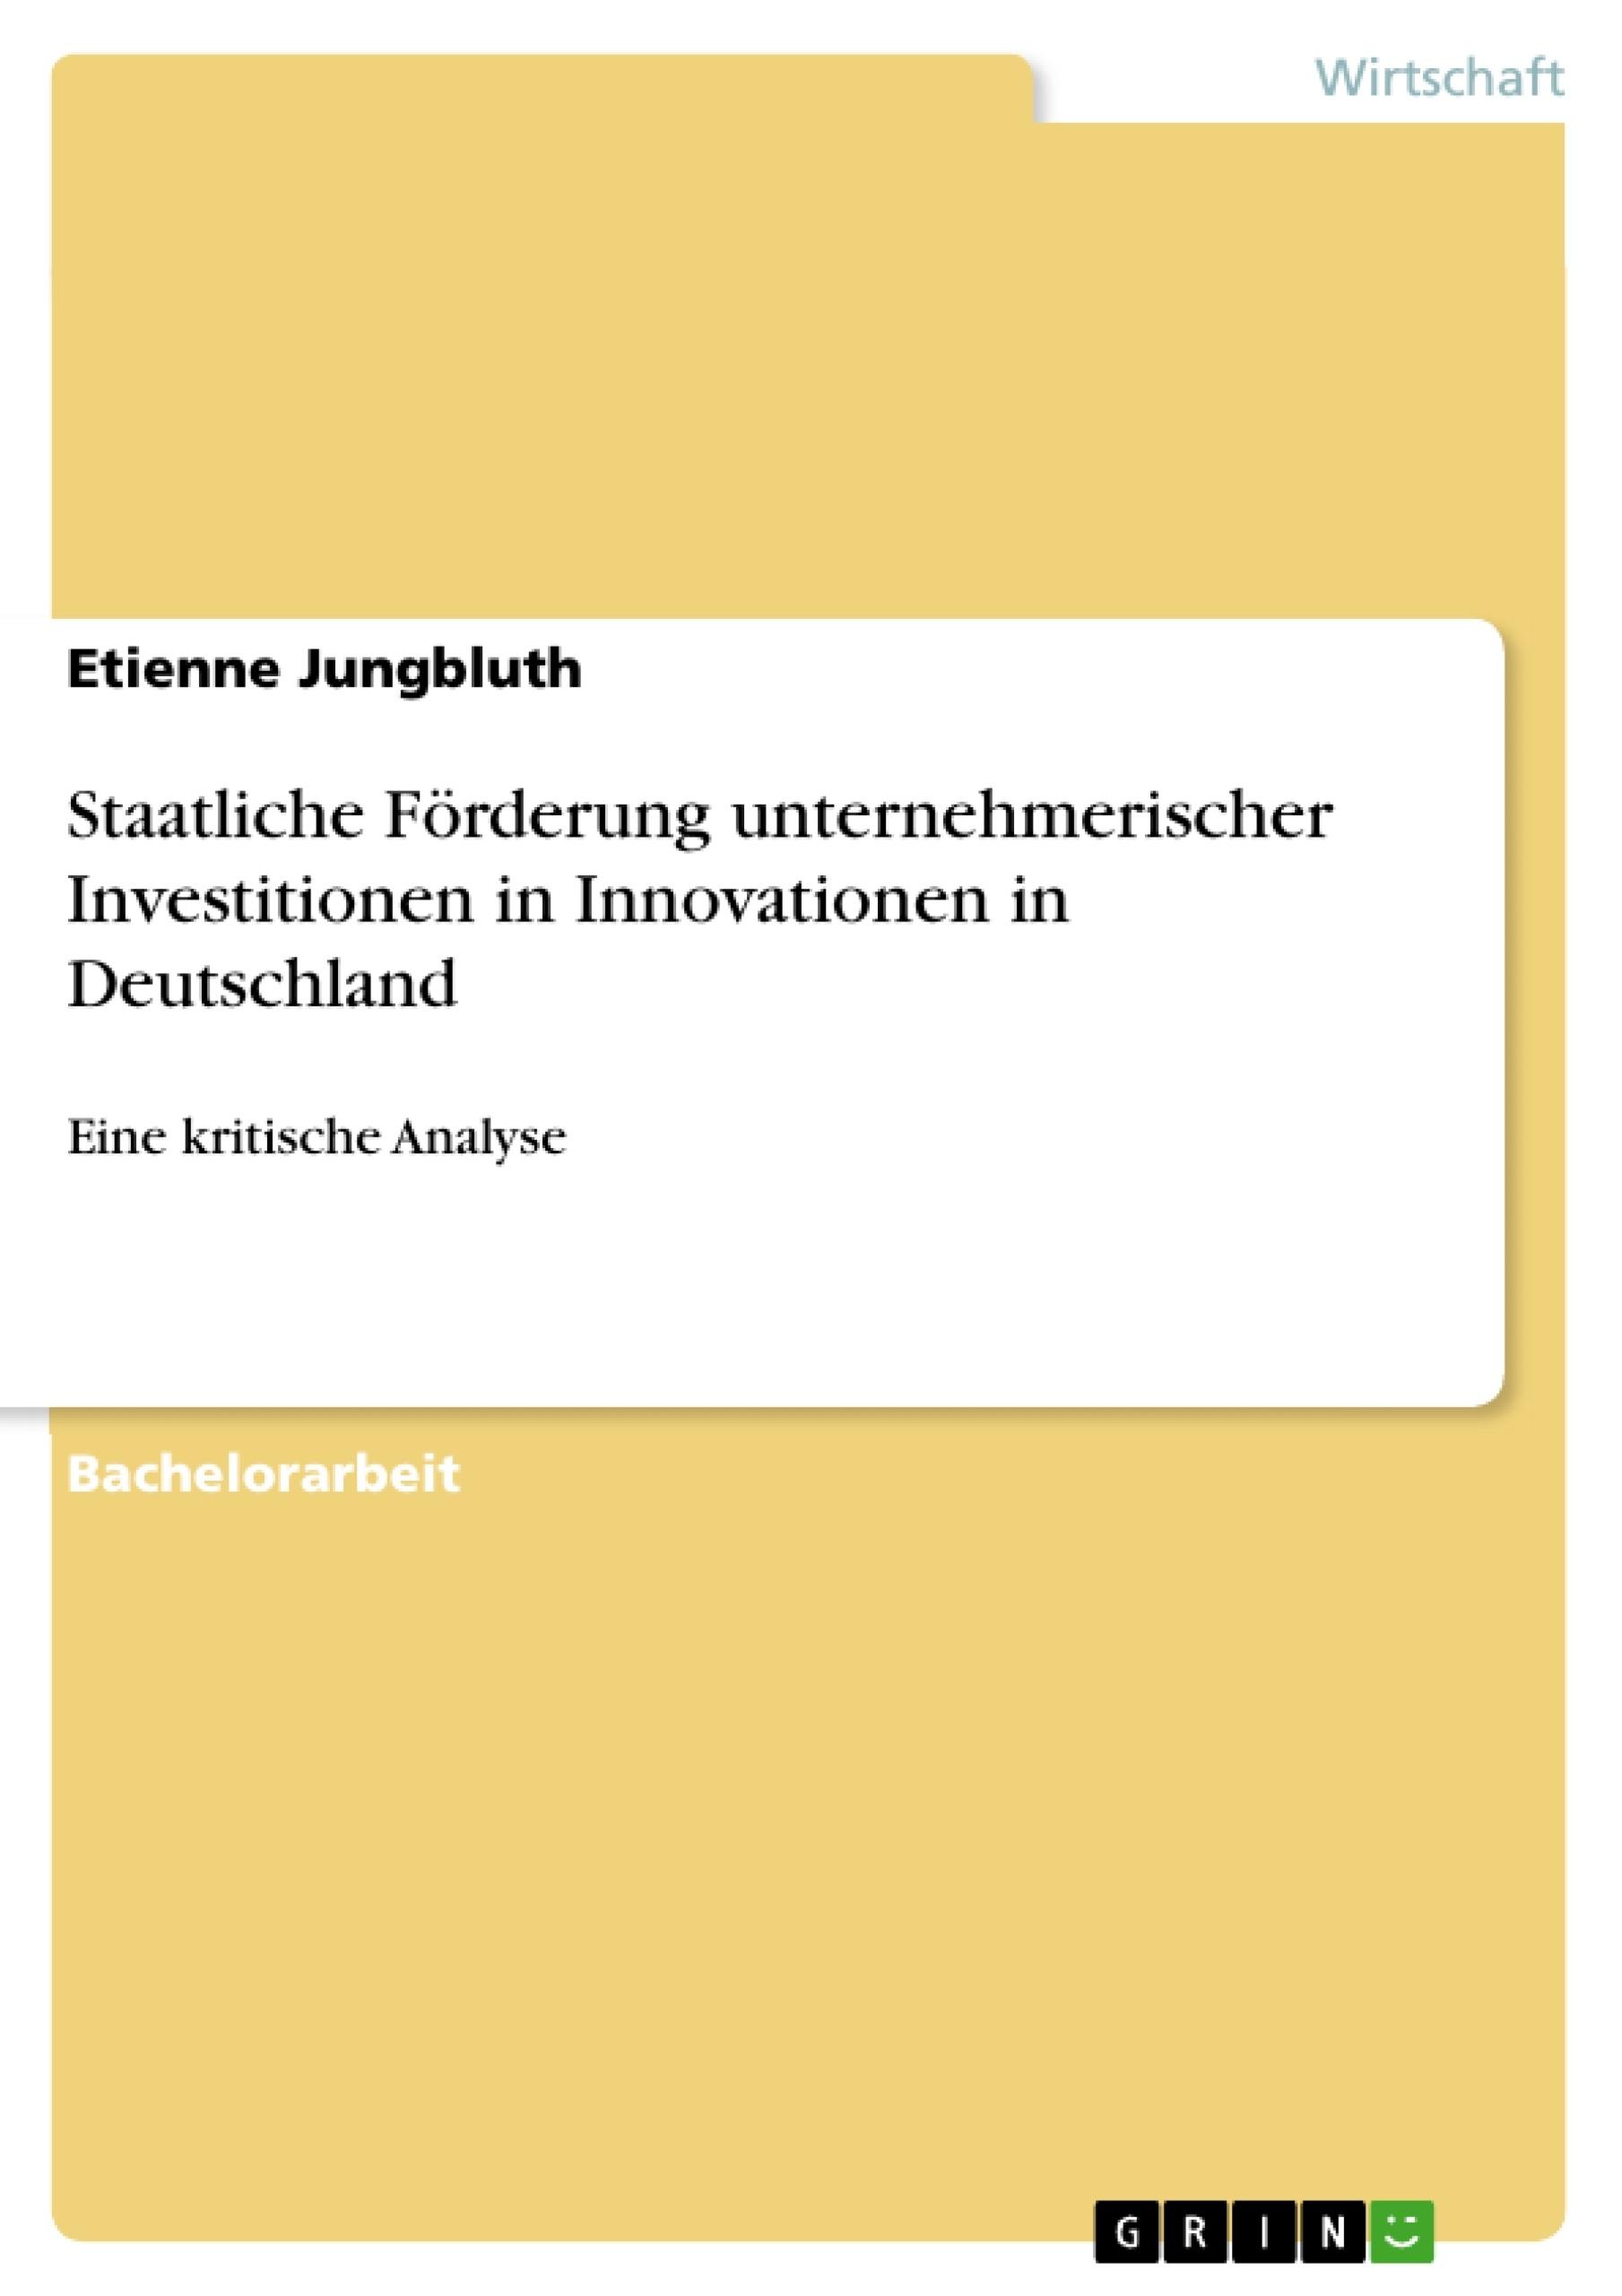 Titel: Staatliche Förderung unternehmerischer Investitionen in Innovationen in Deutschland